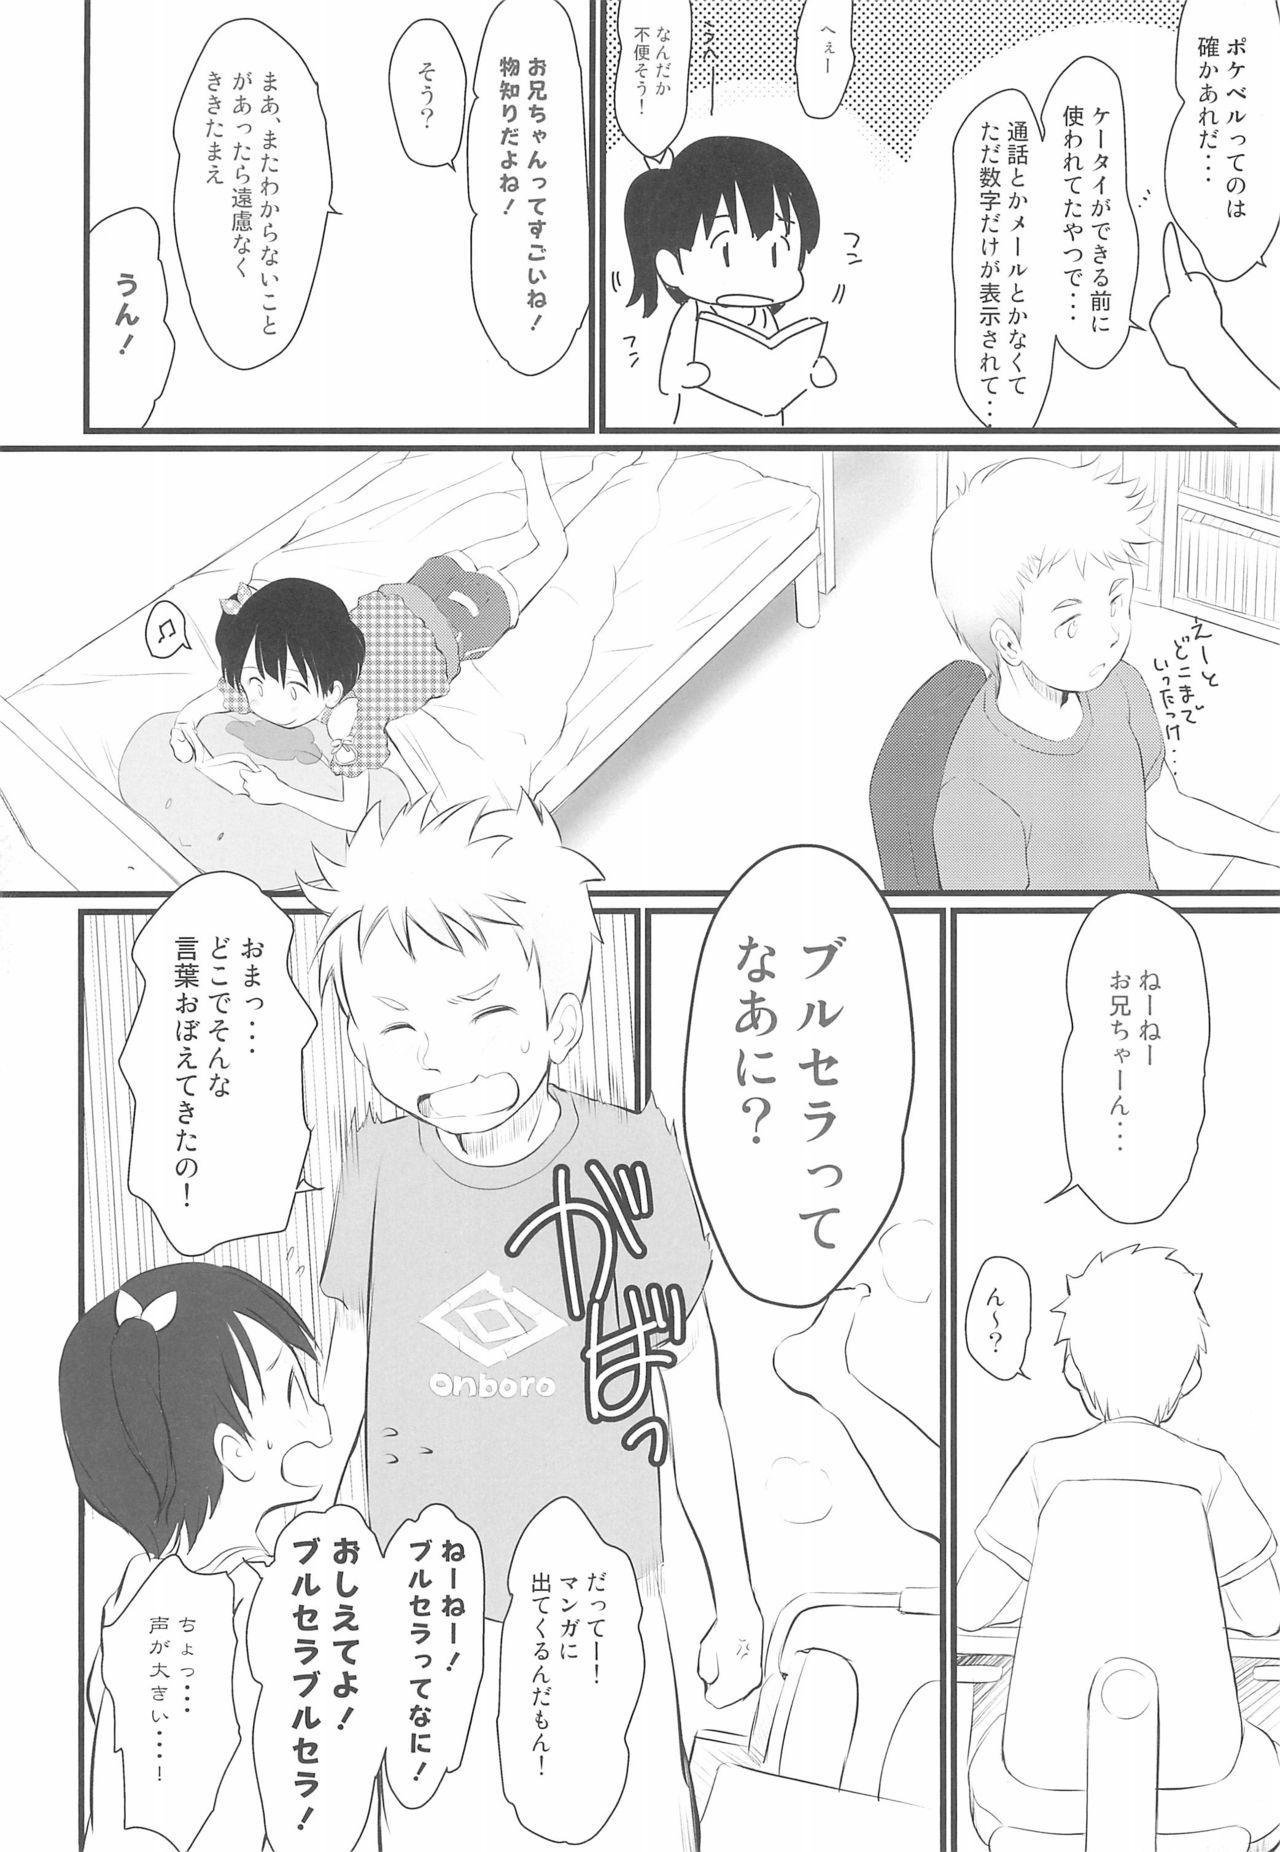 (C96) [Wancho-ke (Wancho)] Chisha-chan ni Shikarareru! Imouto wa Minna Onii-chan ga Daisuki! 5.55 5